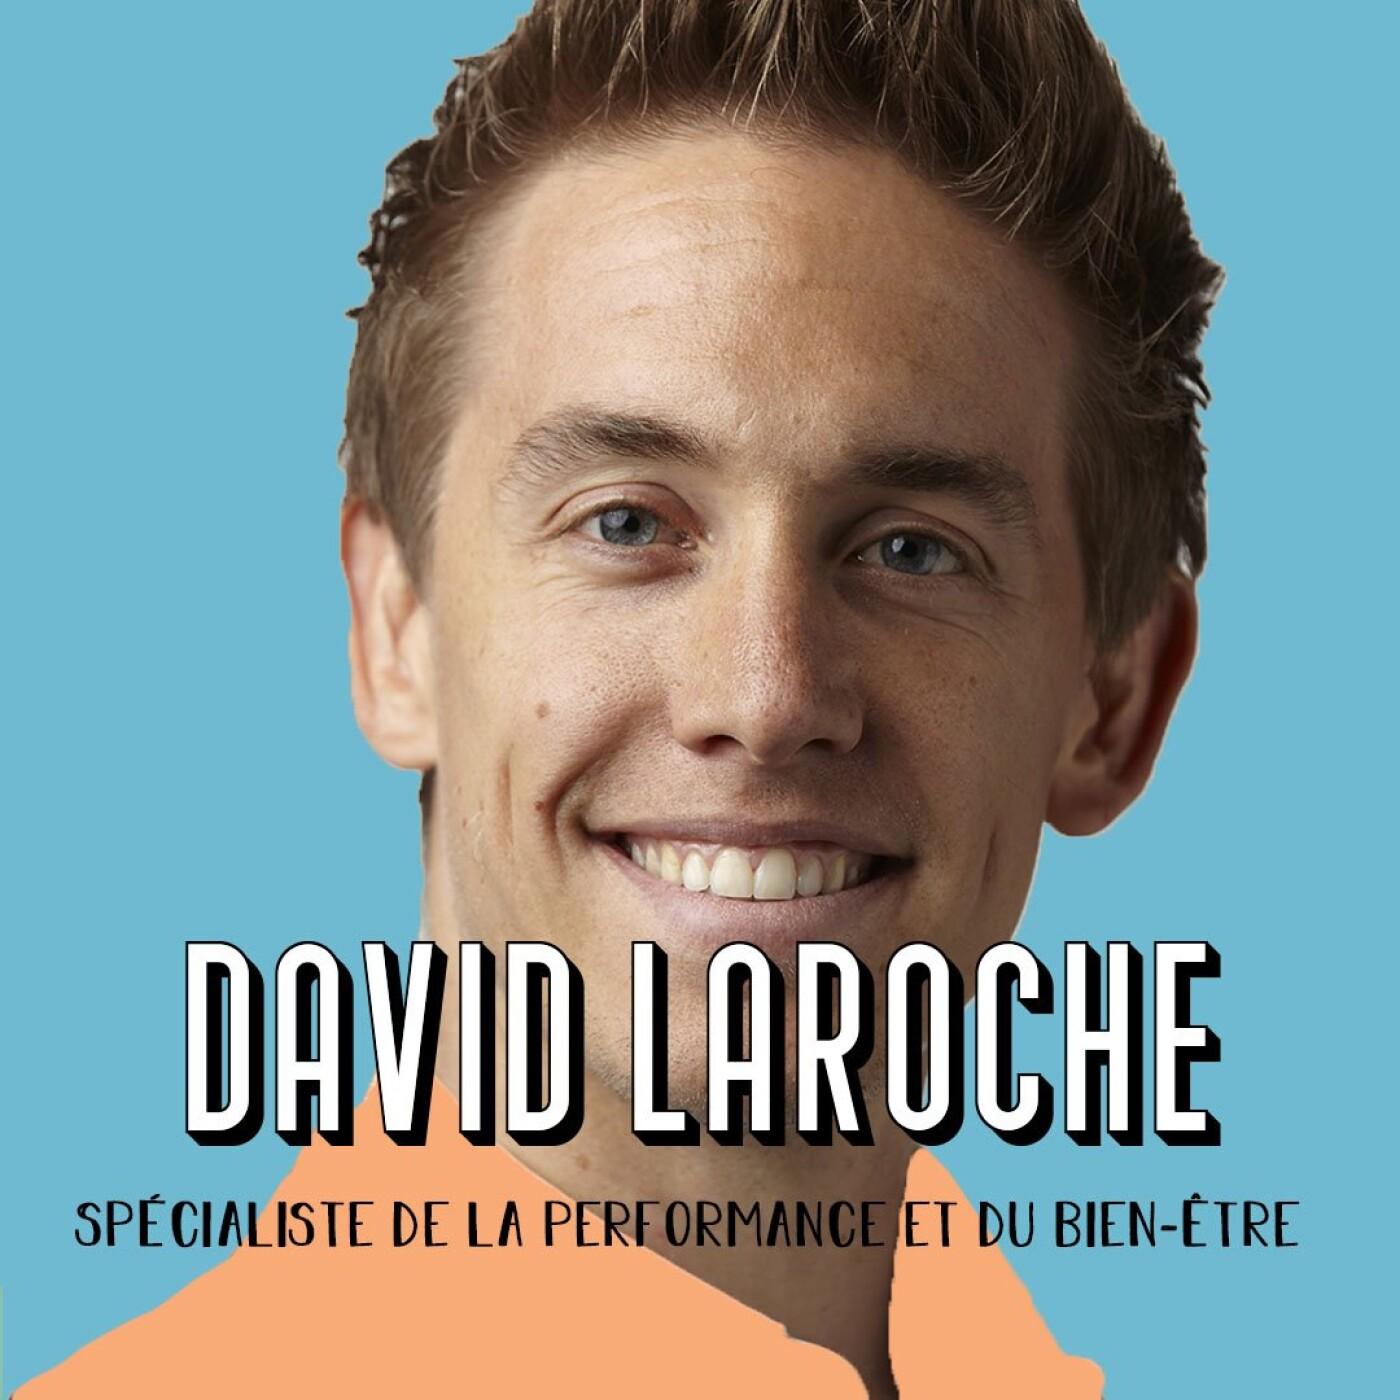 [EXTRAIT] - David Laroche sur le fait de ne pas confondre fantasme et rêve